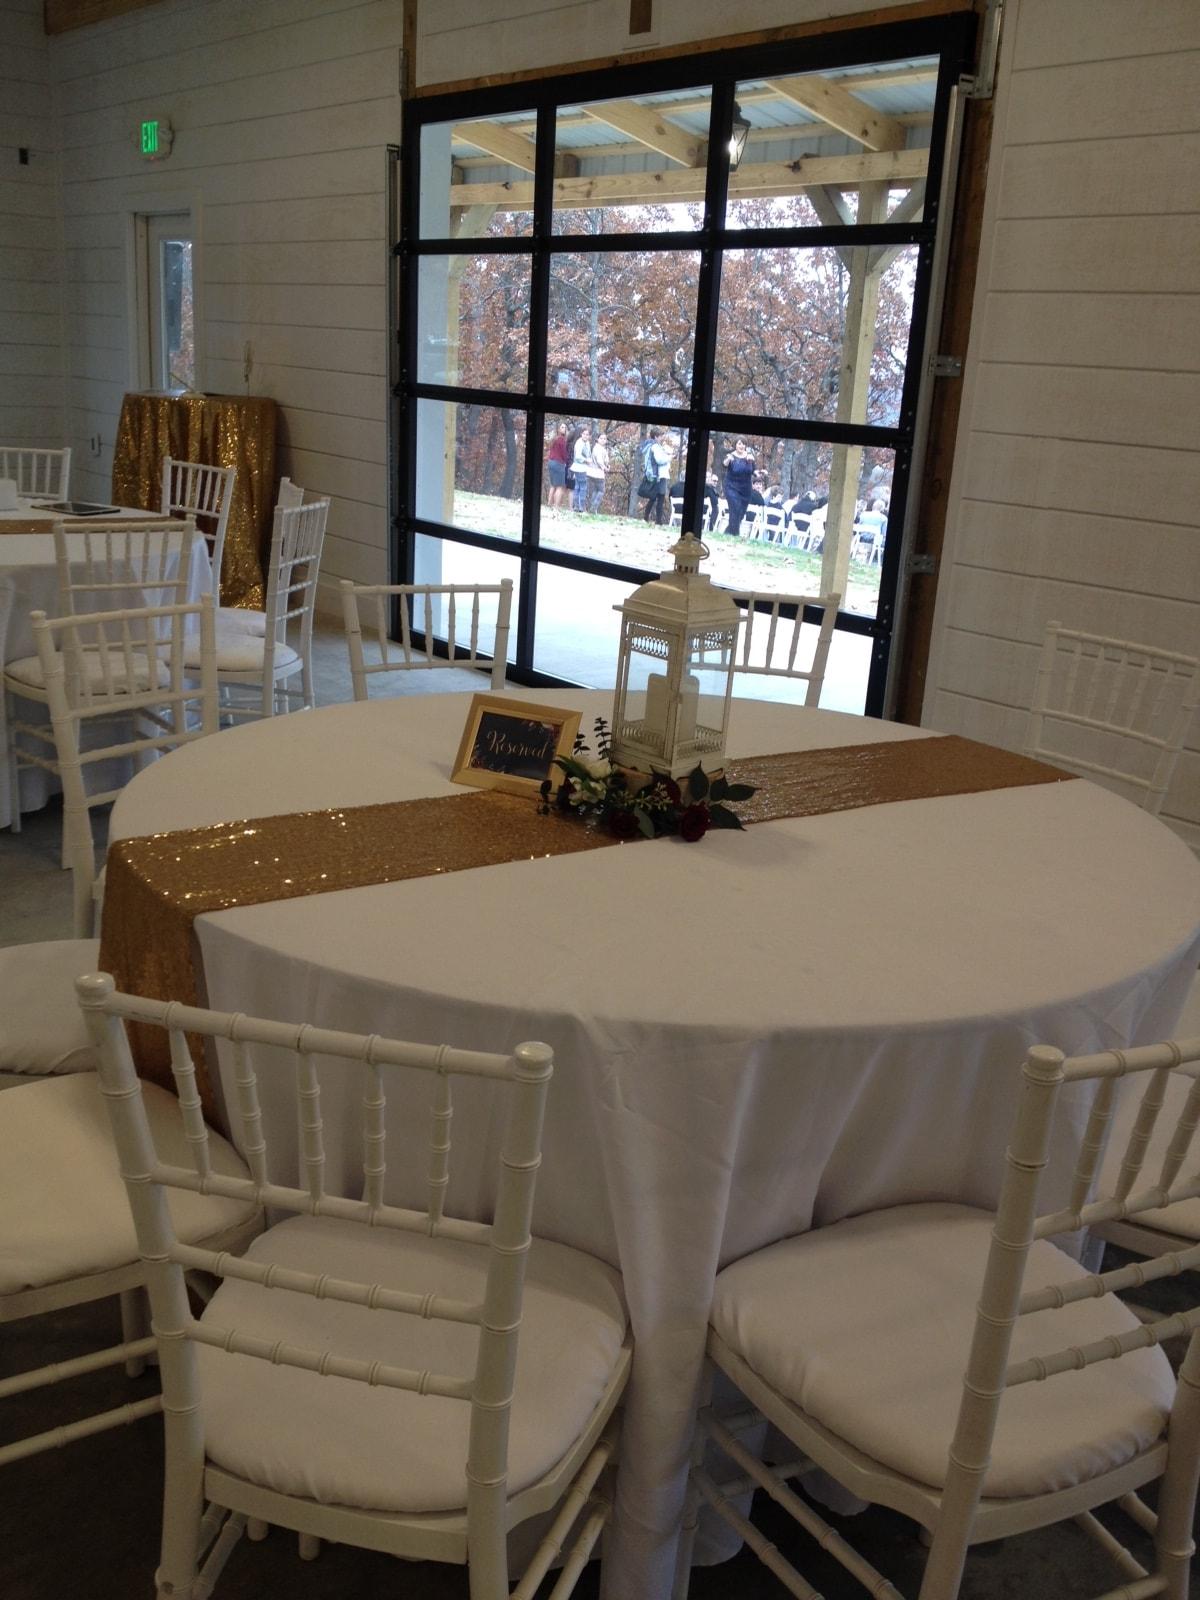 Harwood Mefford Wedding Dream Point Ranch Tulsa Wedding Venue 11-min.JPG